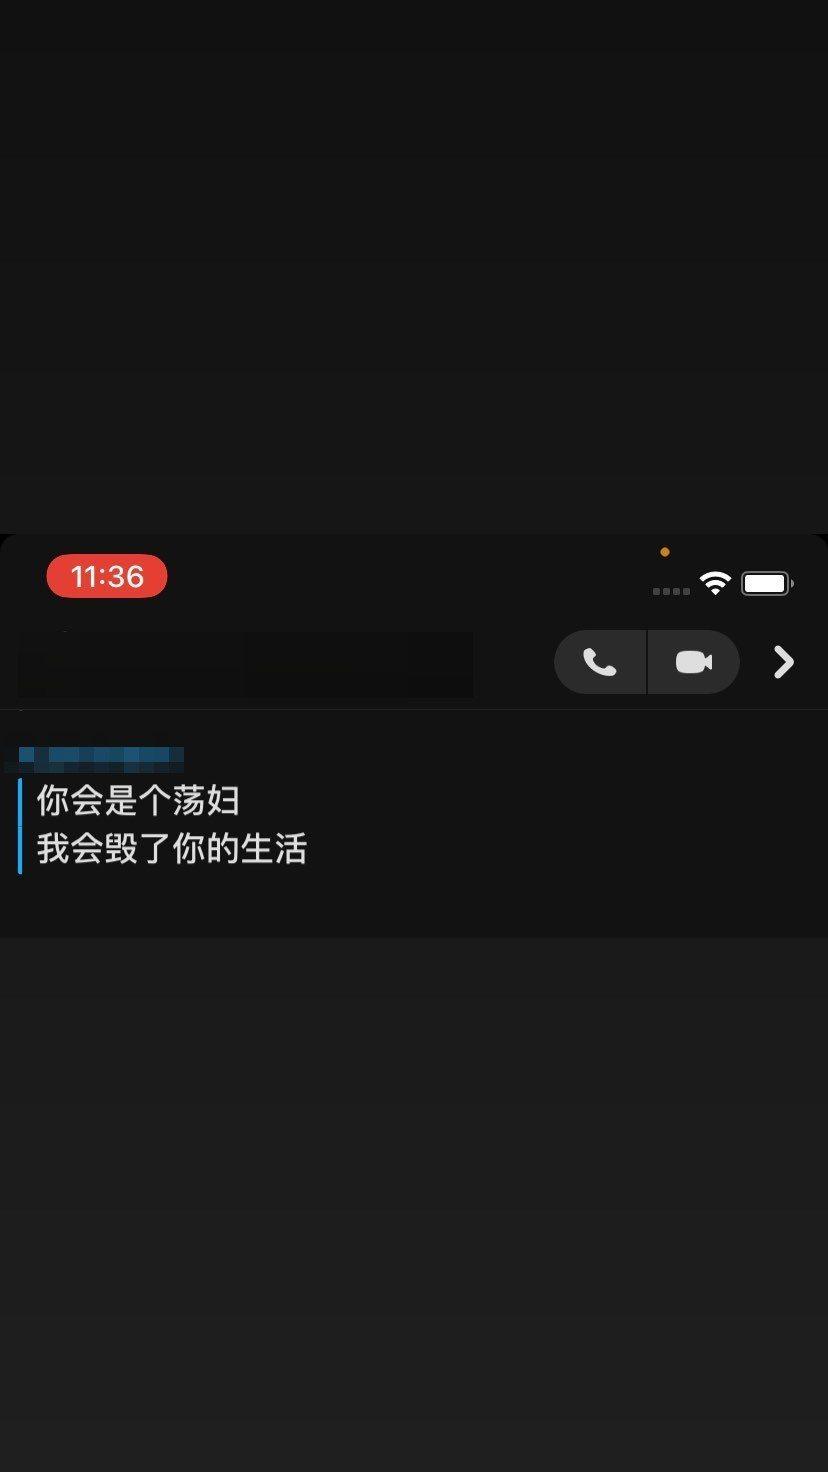 梧桐妹收到網友威脅的訊息。 圖/擷自IG